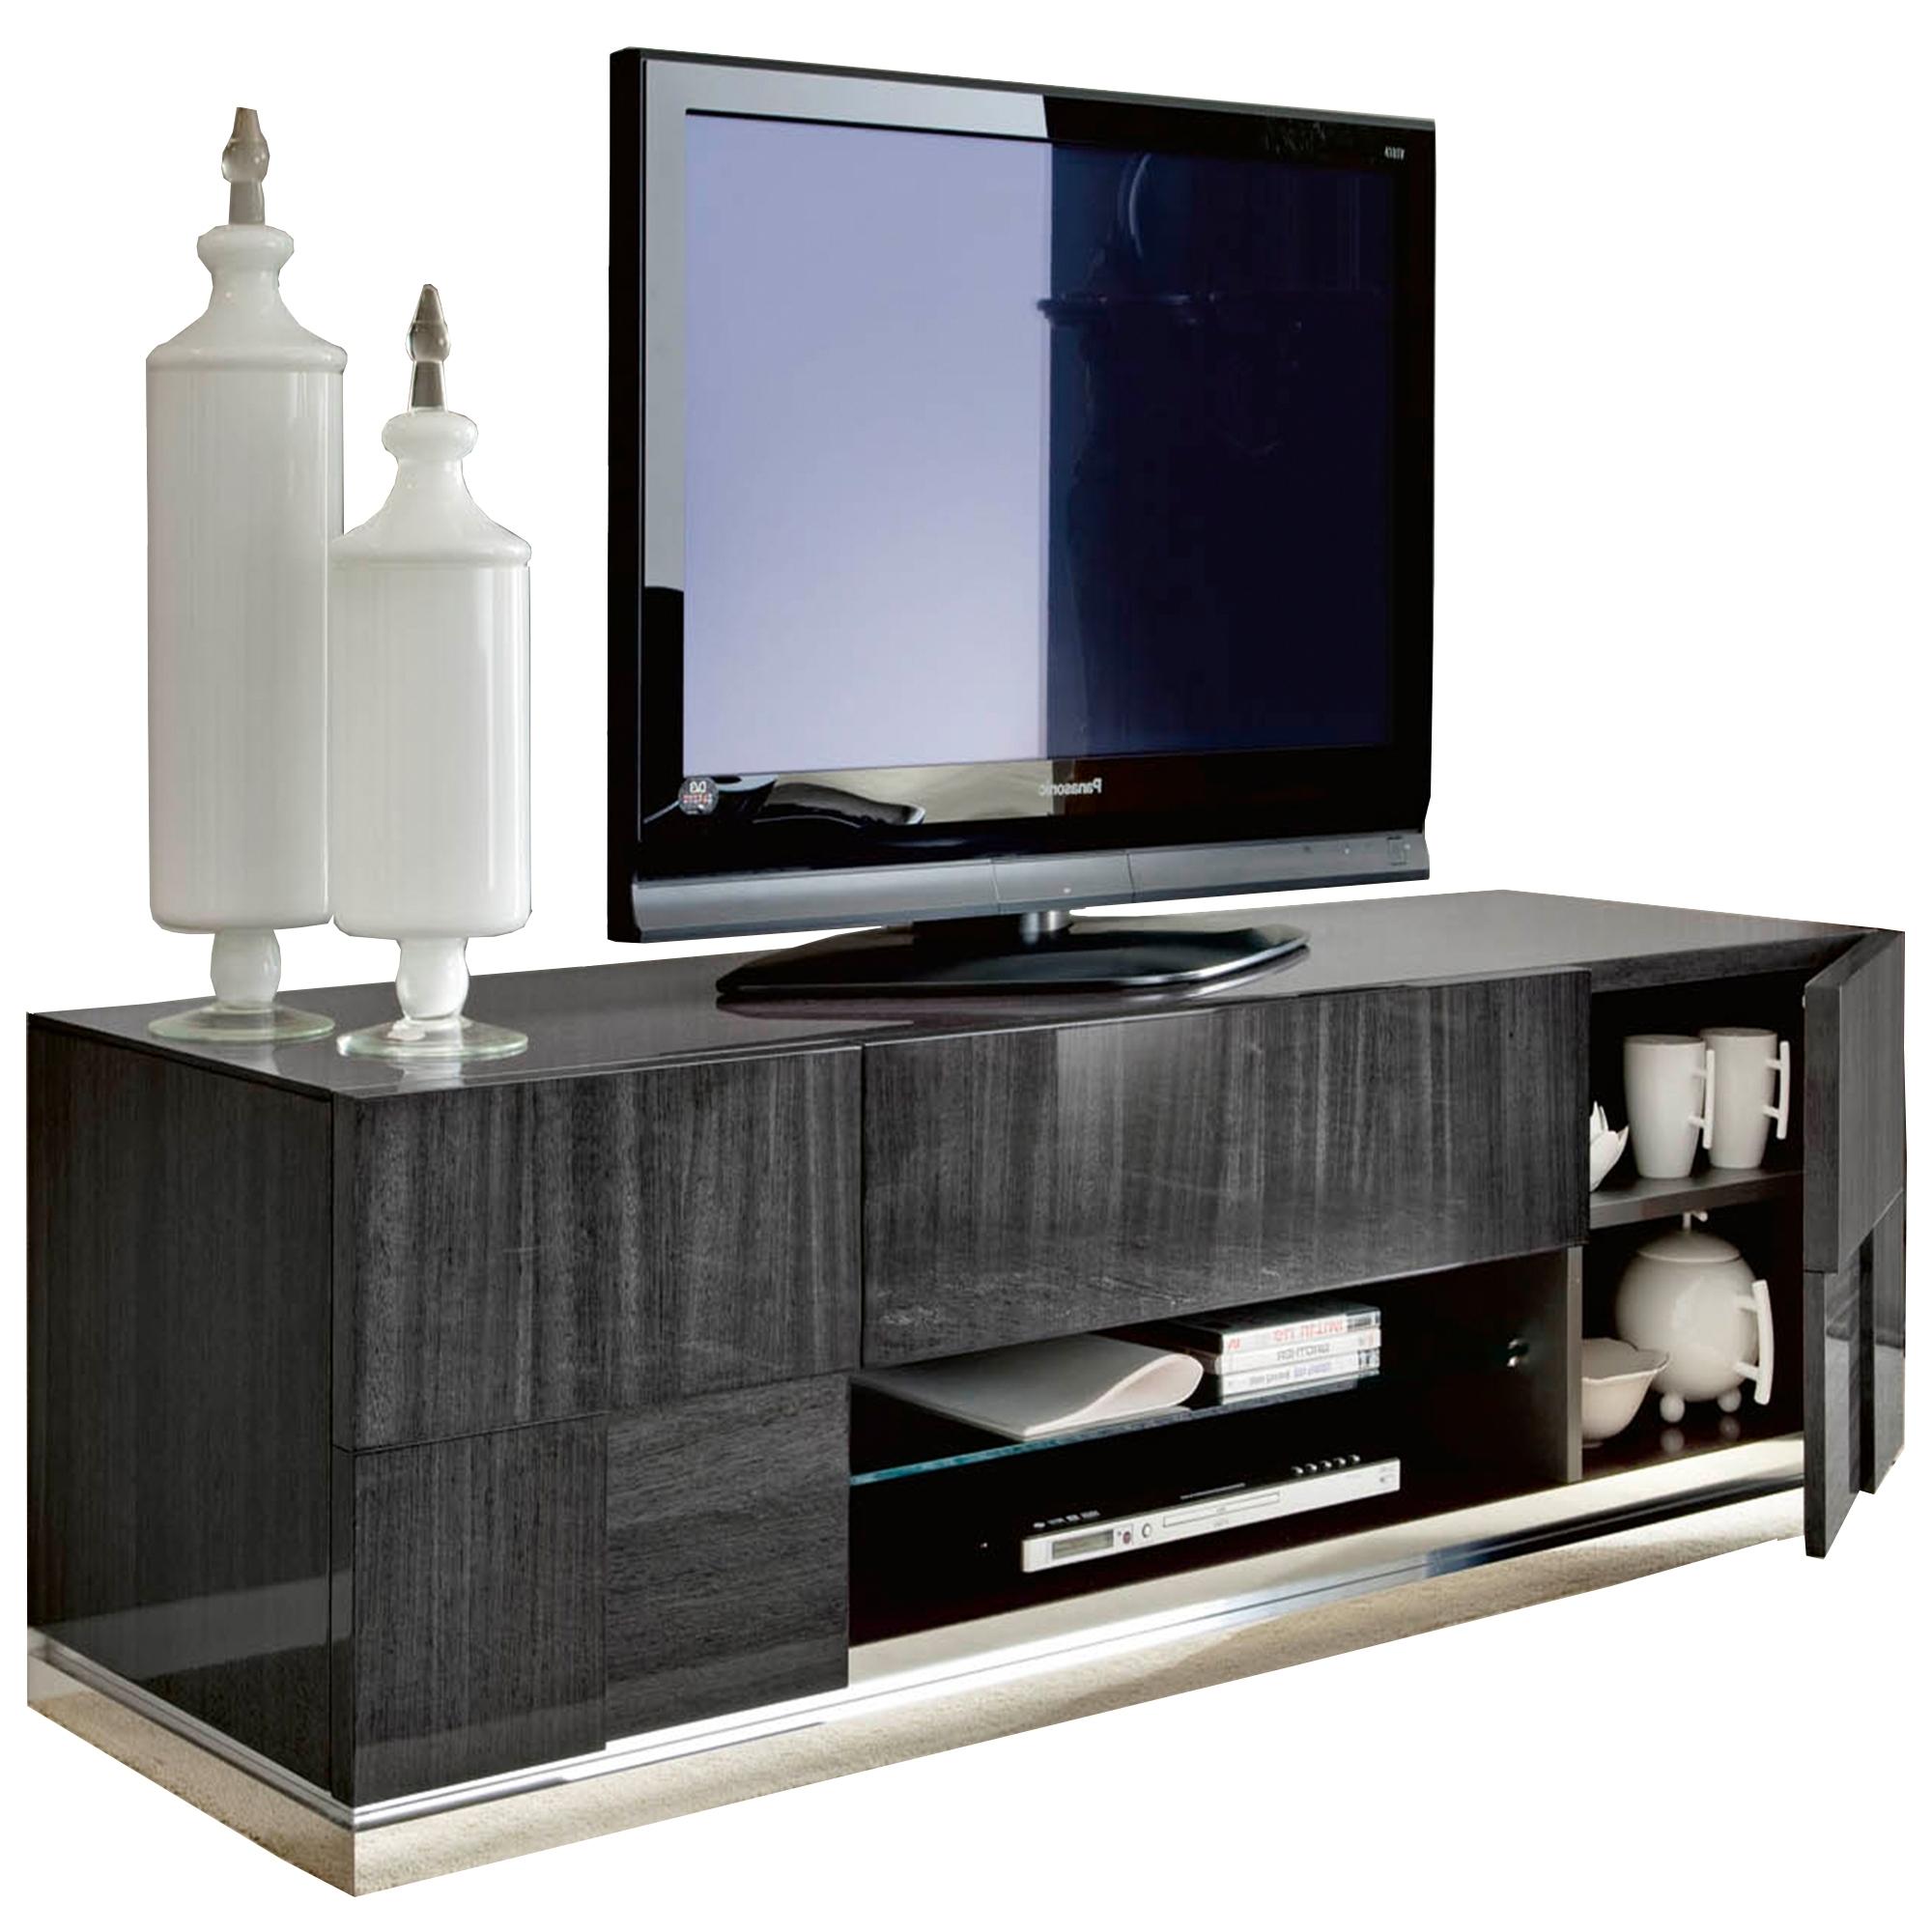 Bedroom Recliner Chairs Bedroom Furniture Floor Plan Cream Carpet Bedroom Bedroom Bench Uk: Alf Montecarlo TV Unit